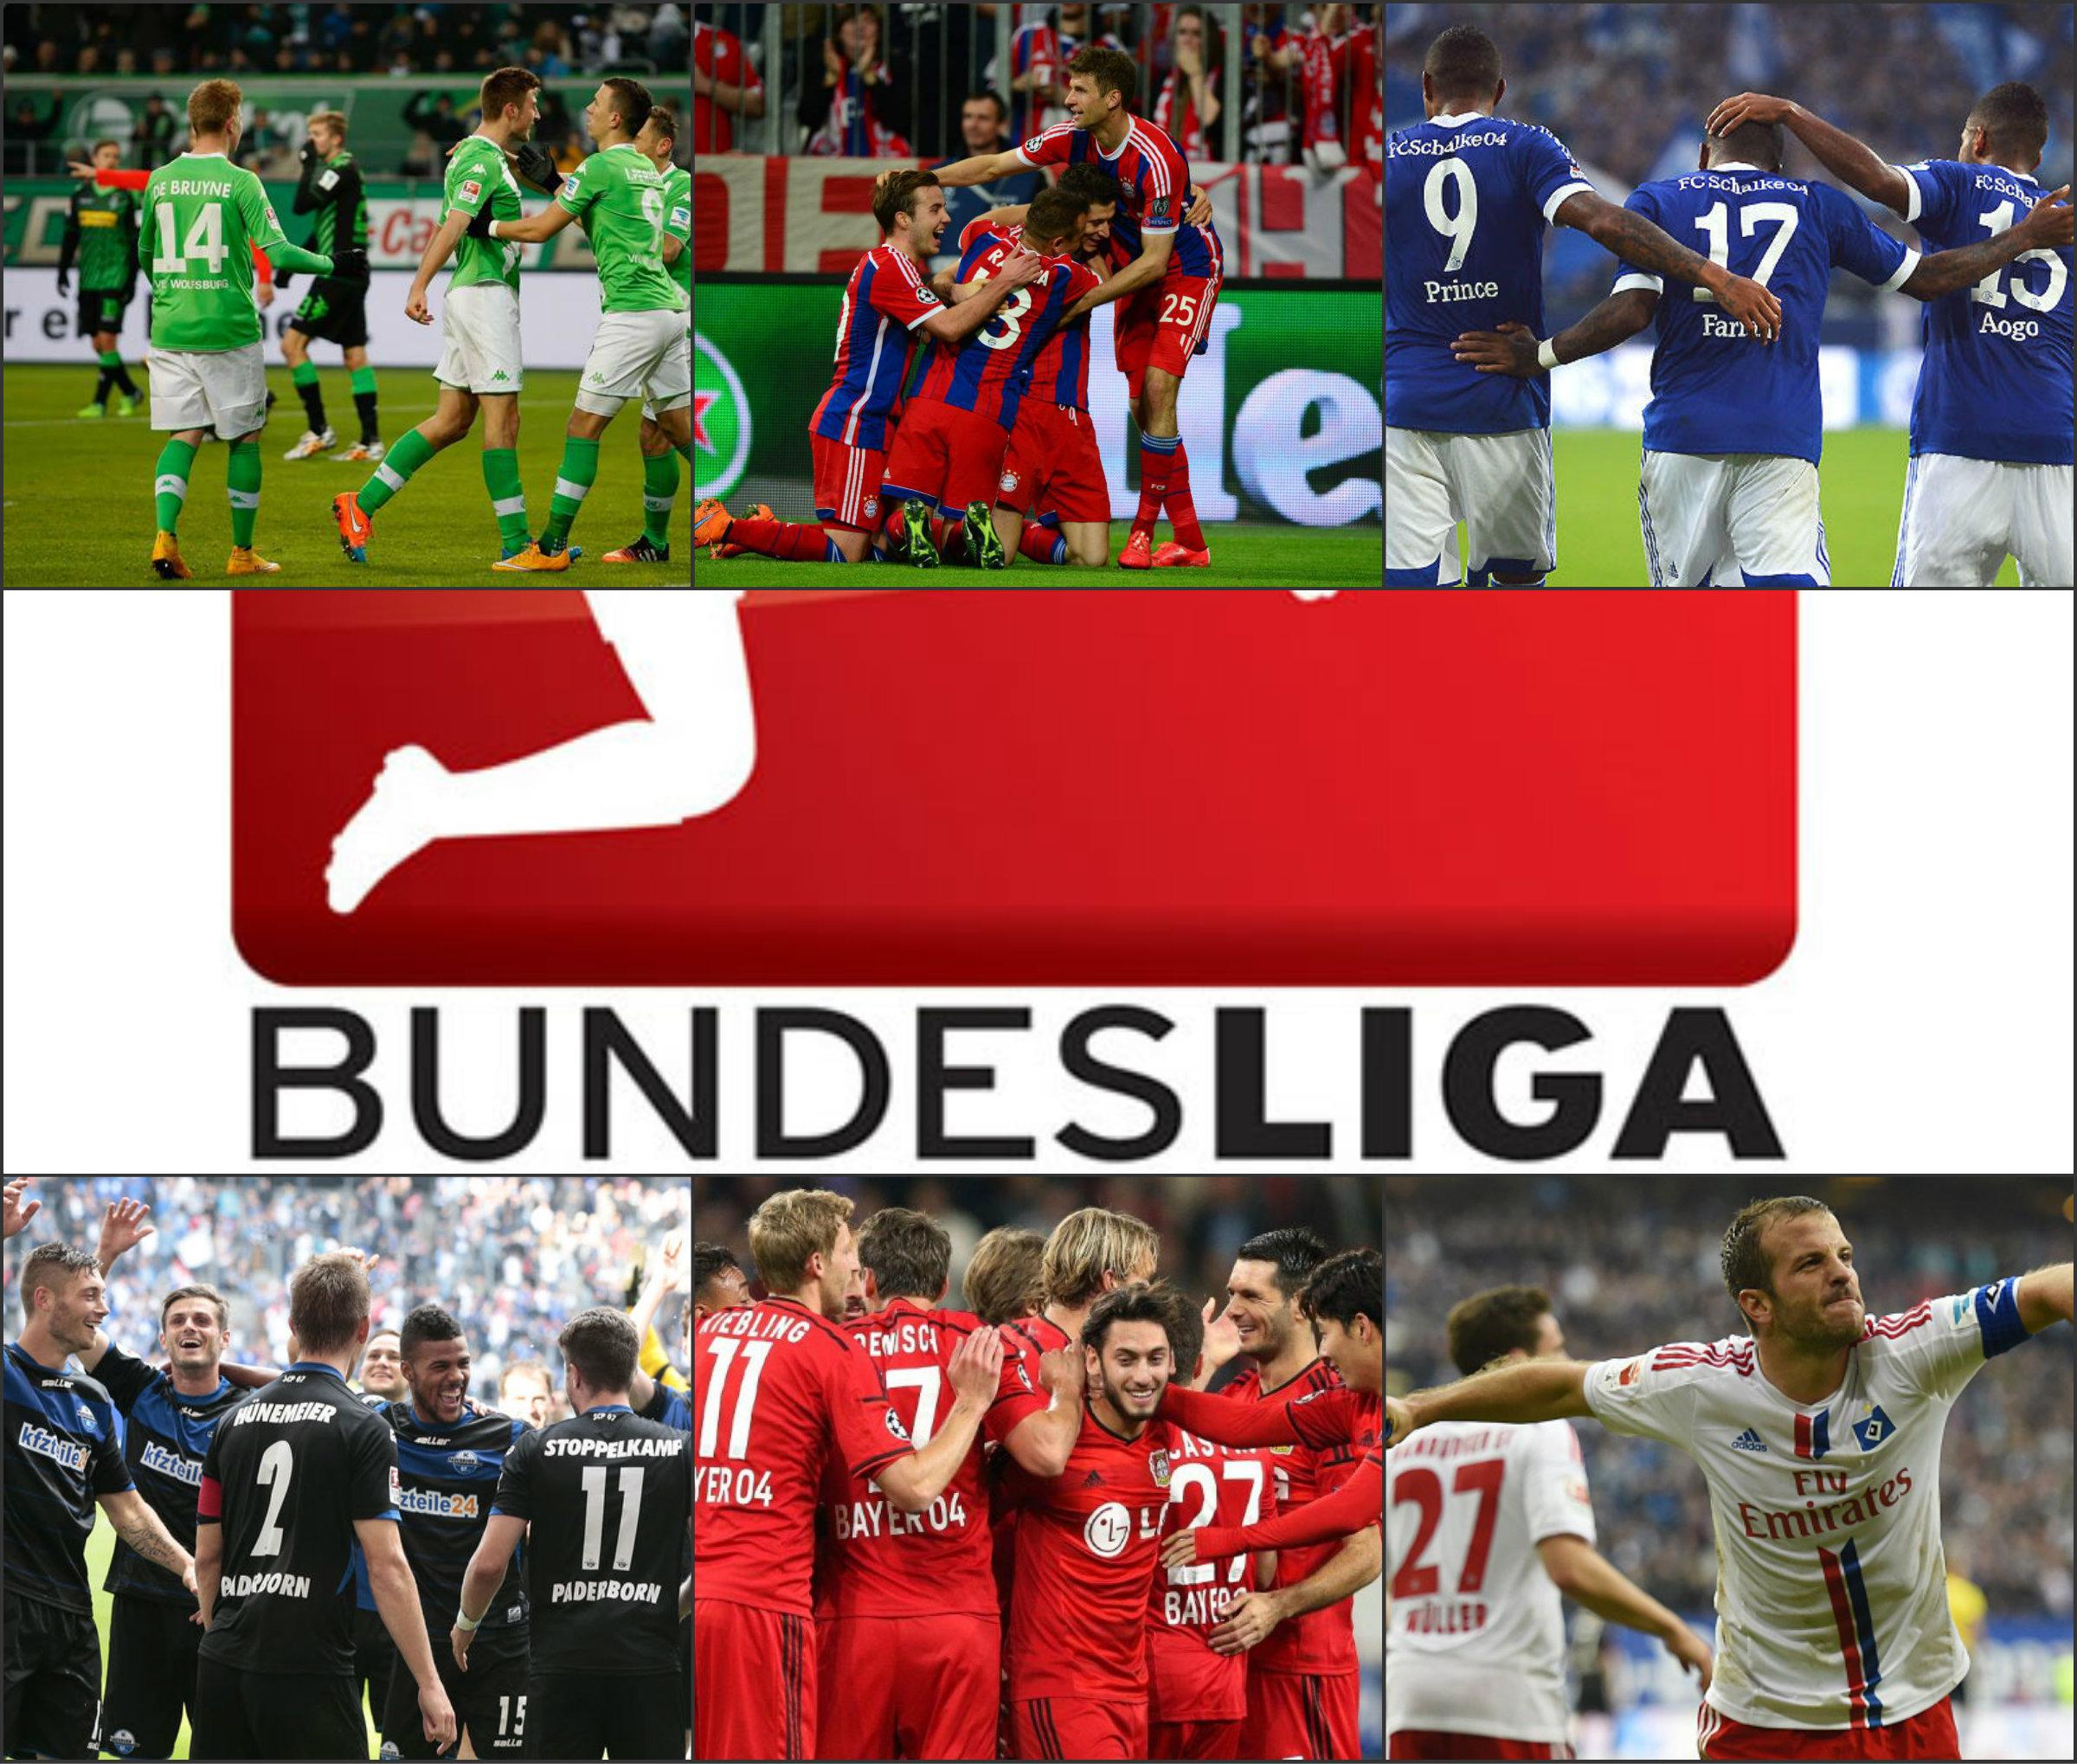 Bundesliga 2017/18 - La fotogallery delle maglie ufficiali